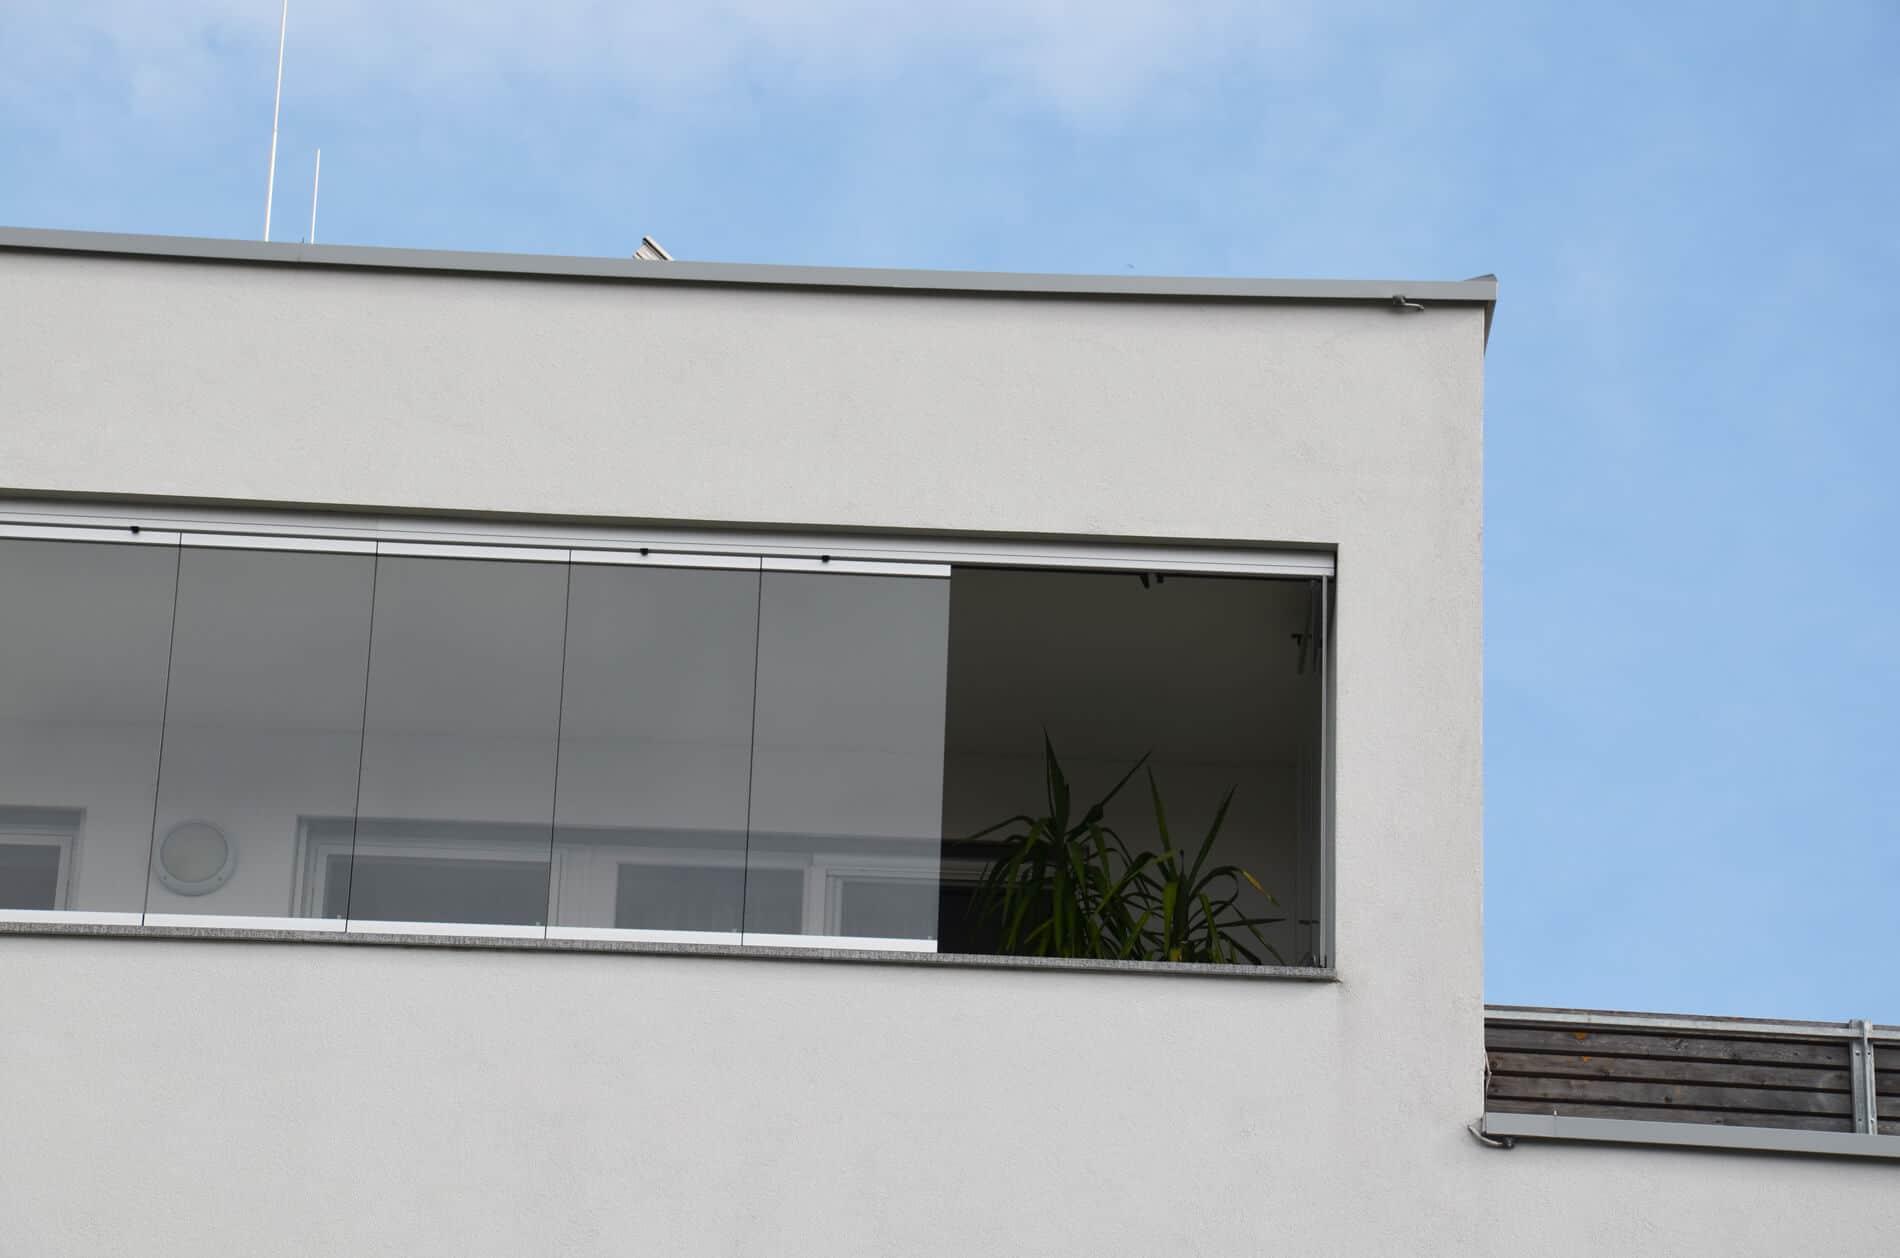 Faltschiebefenster aussen für Balkone